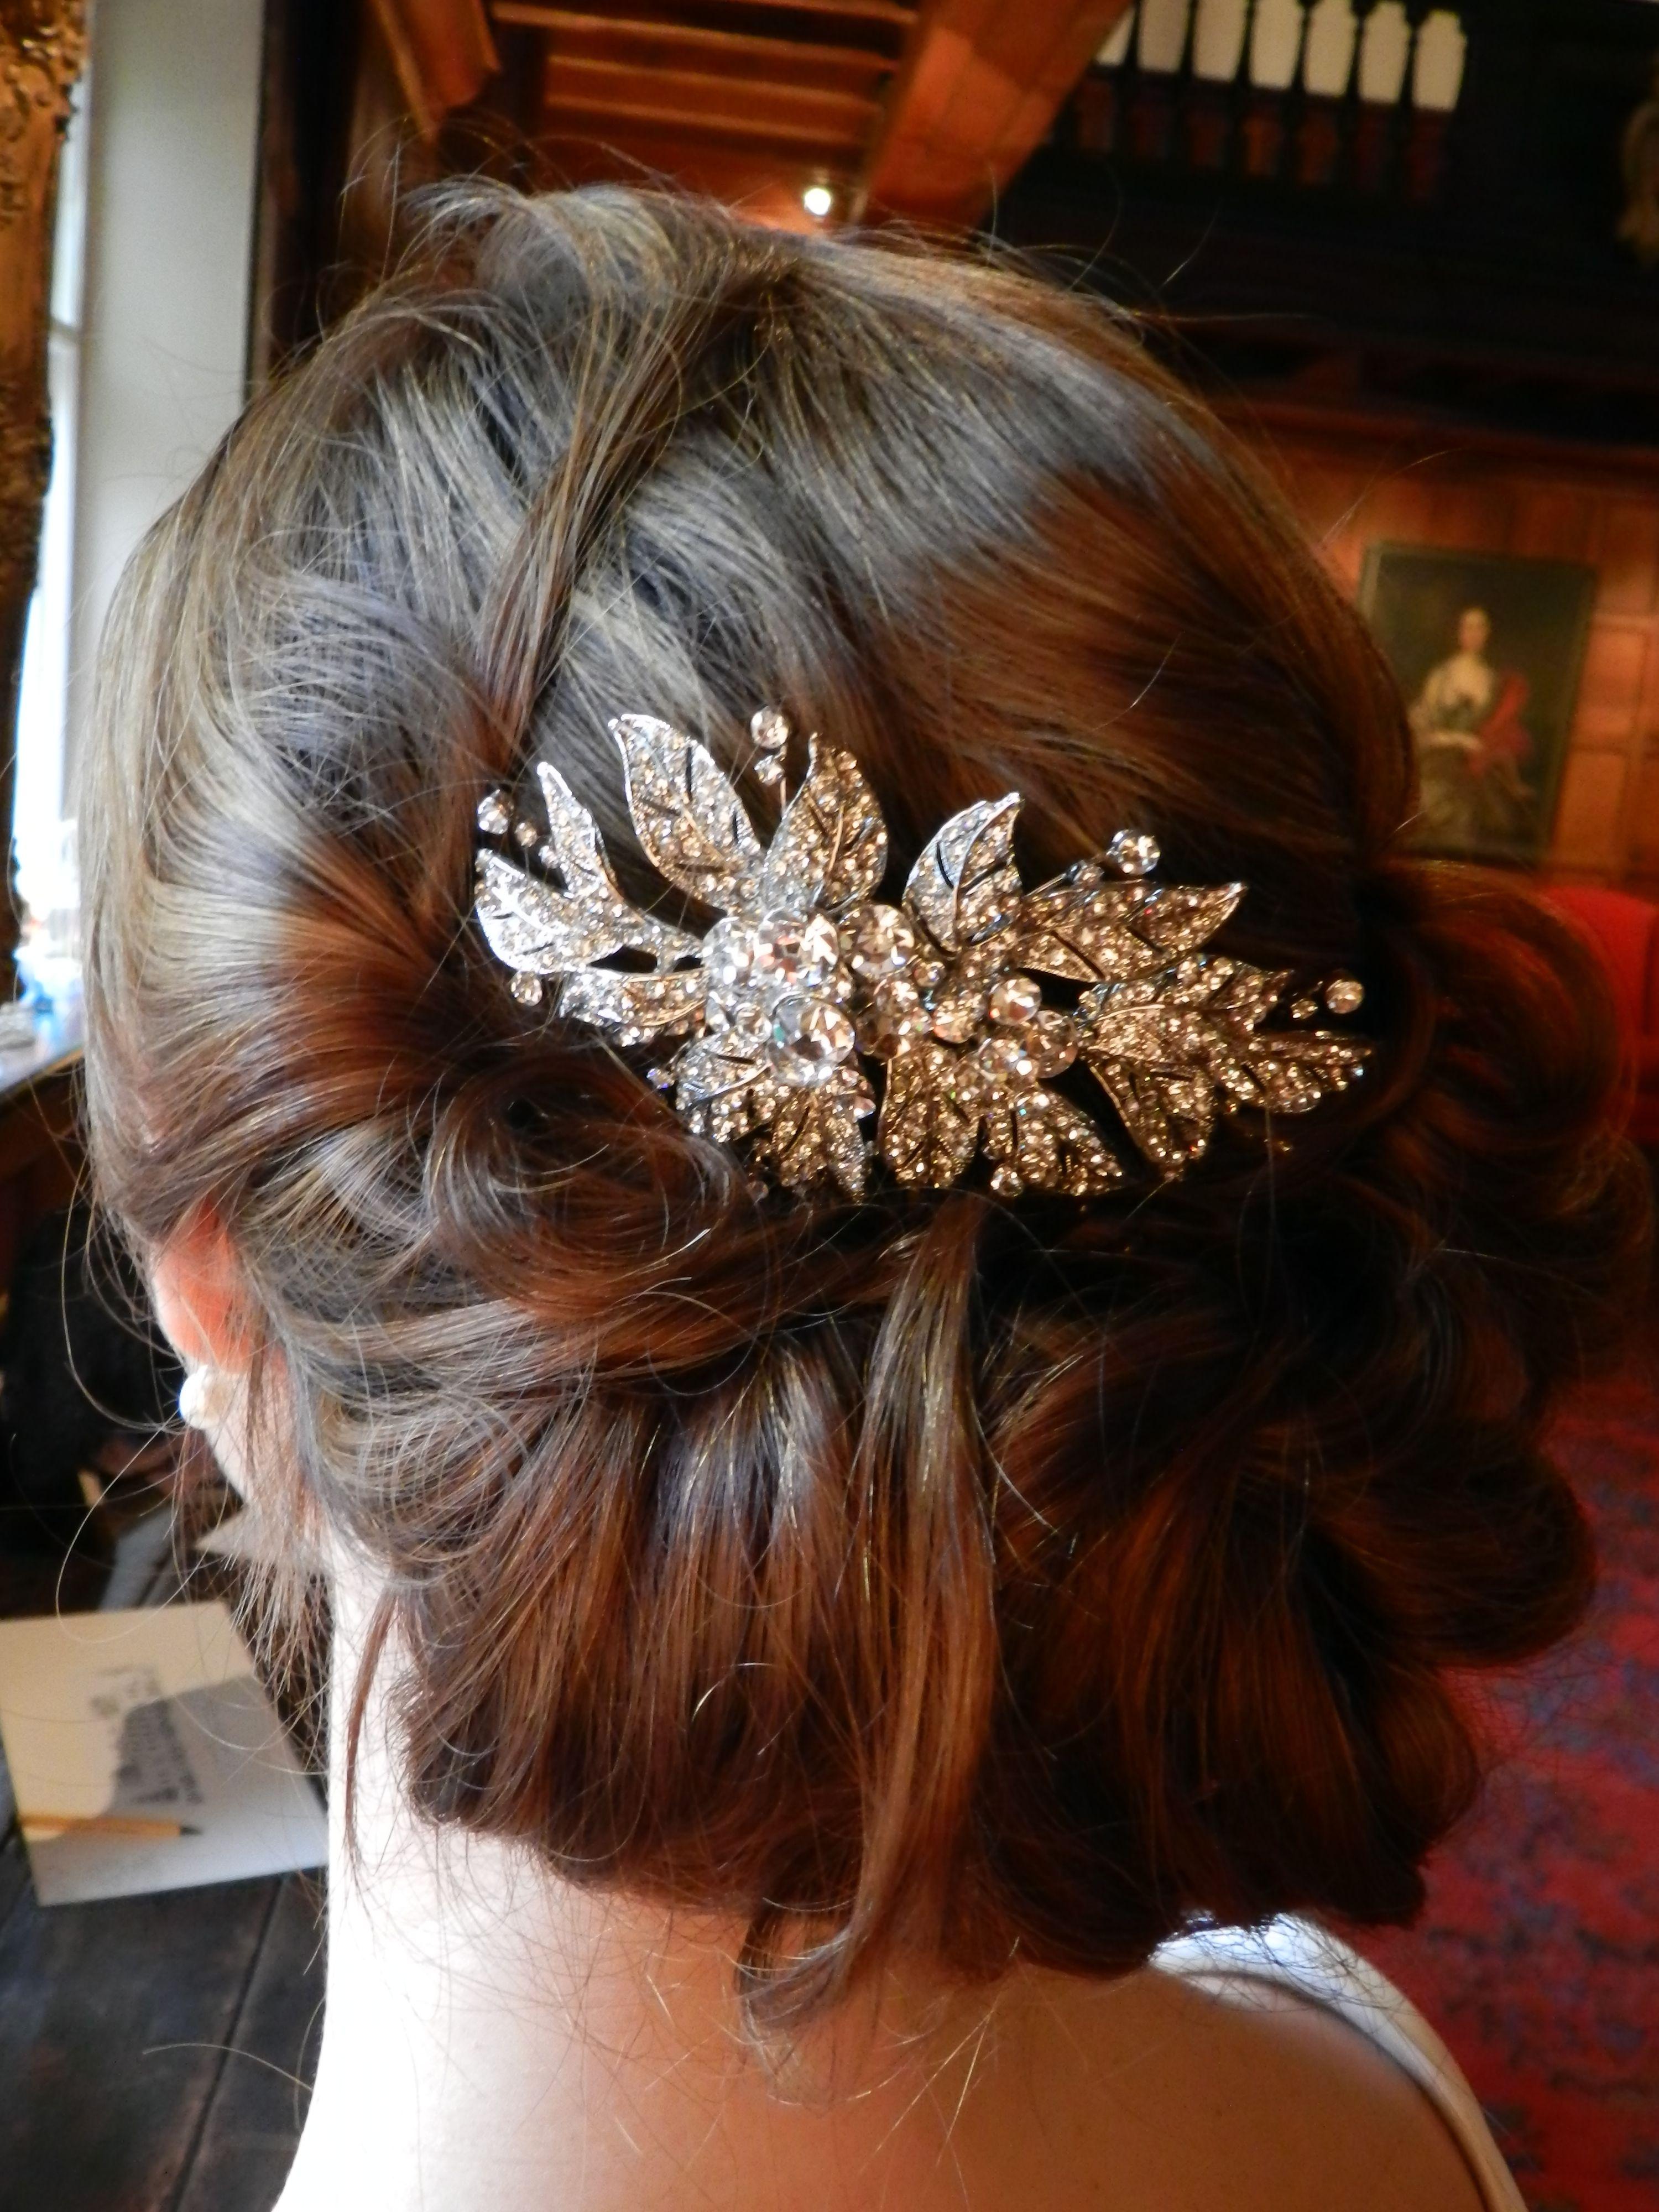 Bridal hairstyle at Hampden House